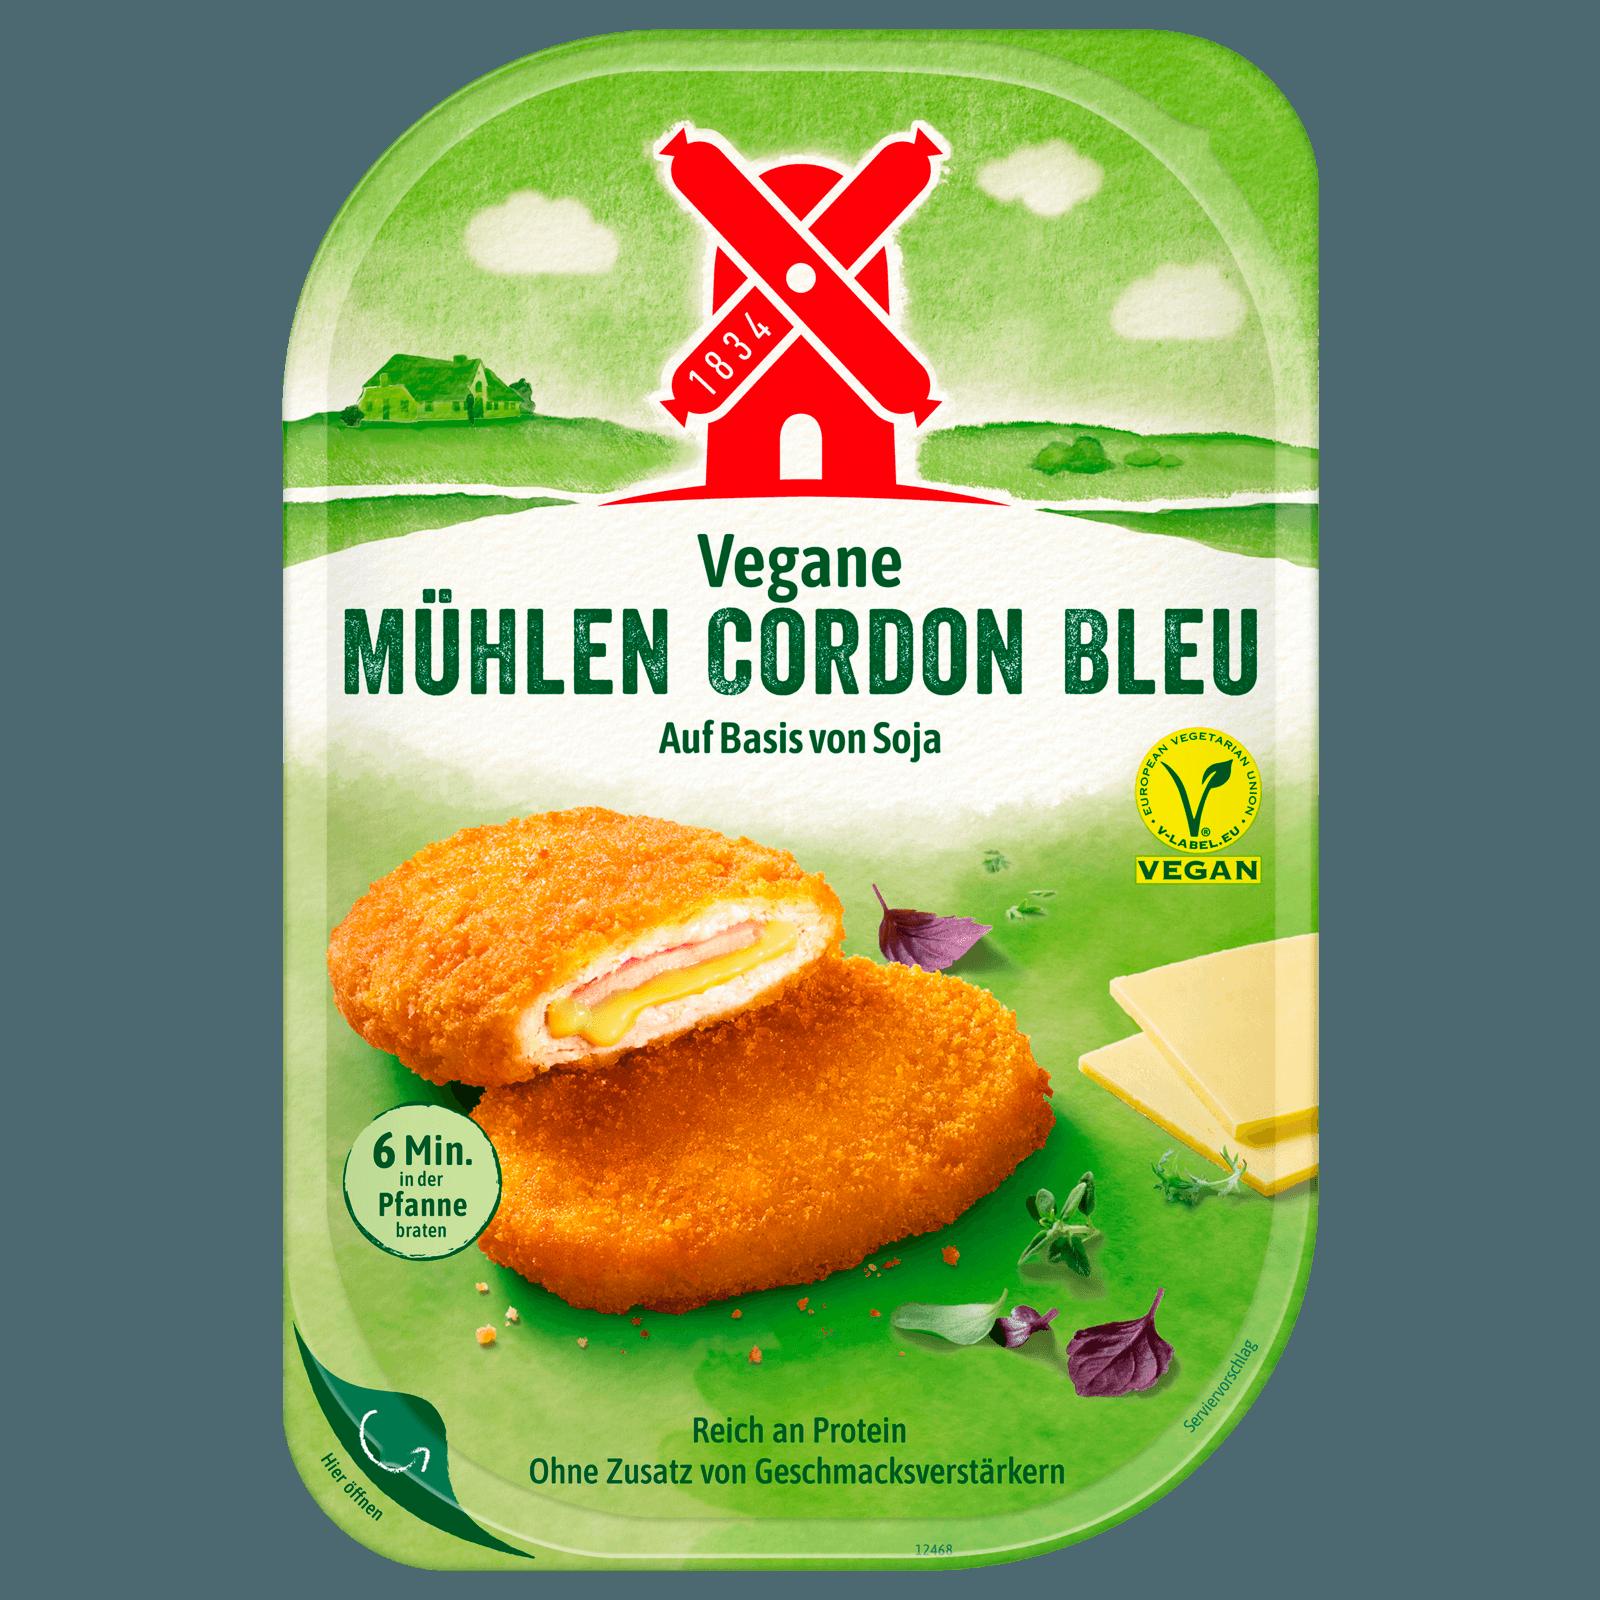 Rügenwalder Mühle Vegetarische Mühlen-Schnitzel Cordon bleu 200g